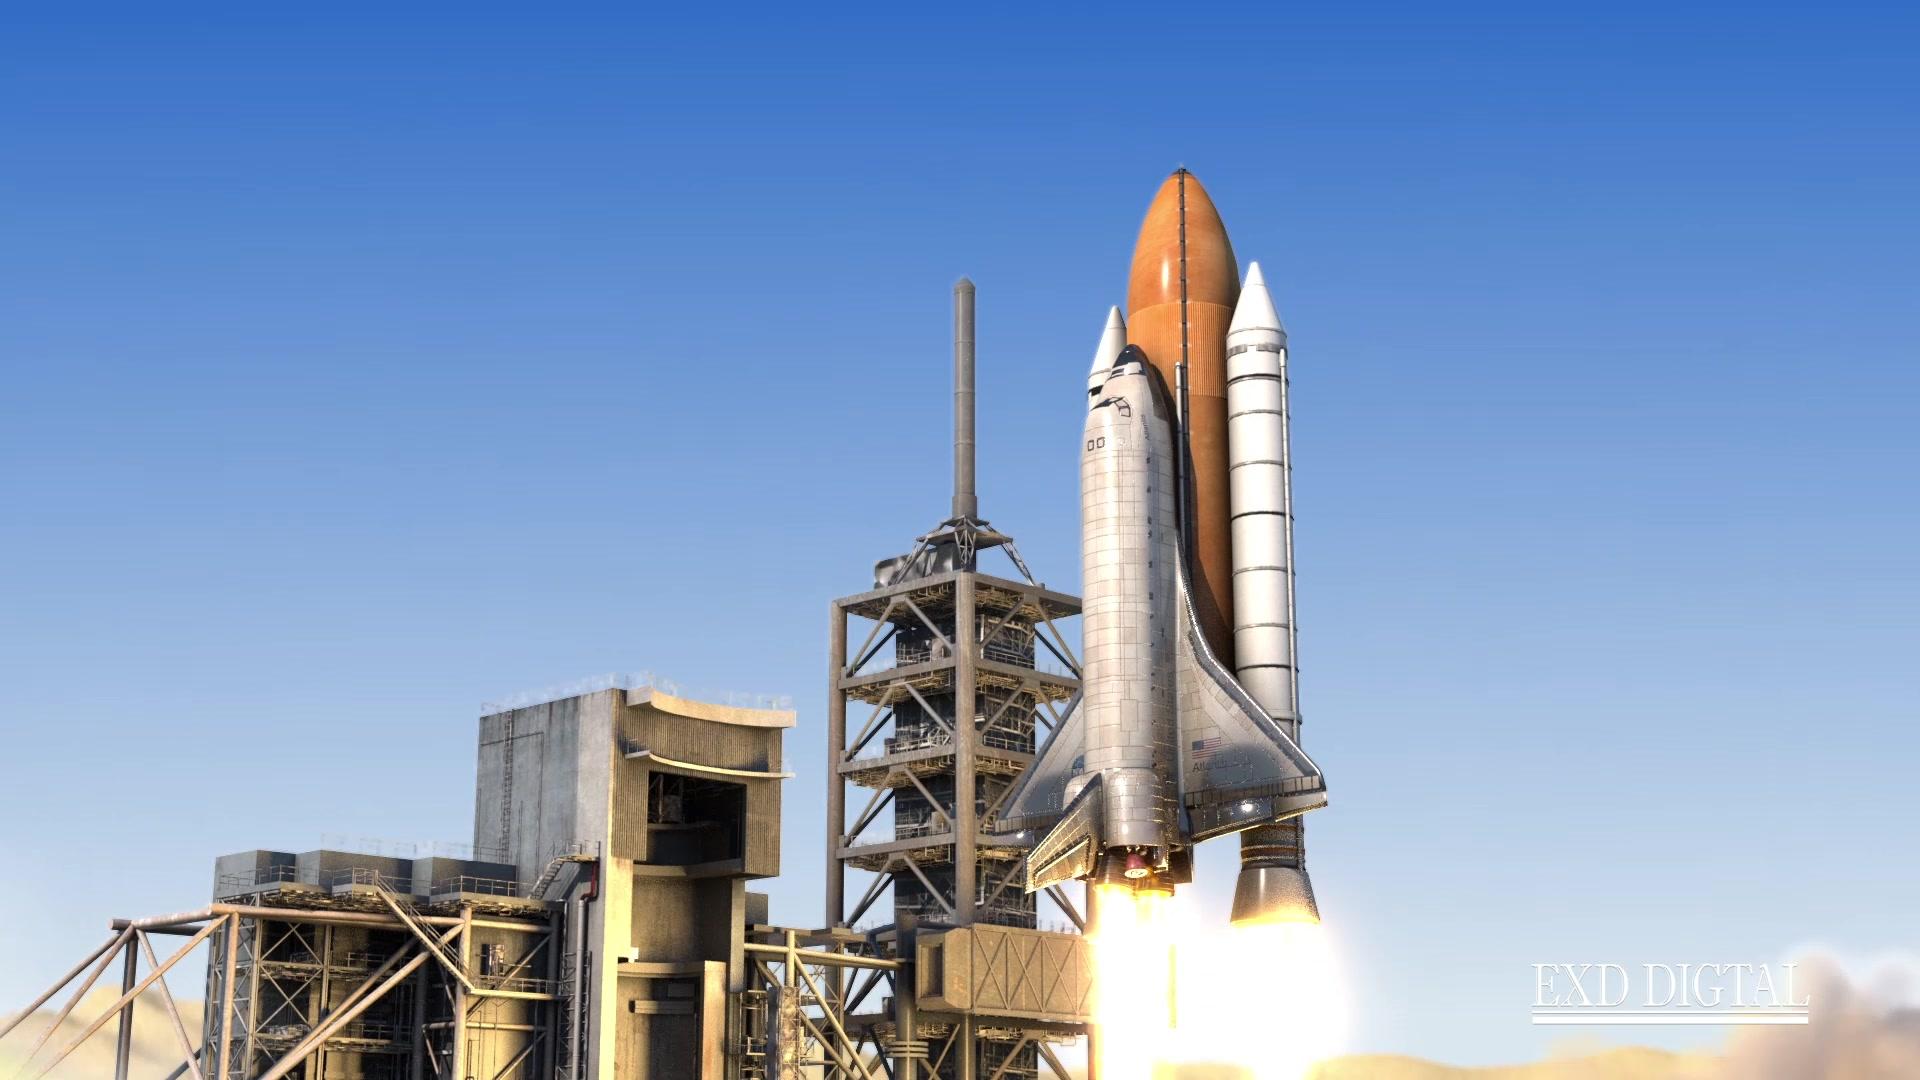 火箭发射-C4D-tfd插件